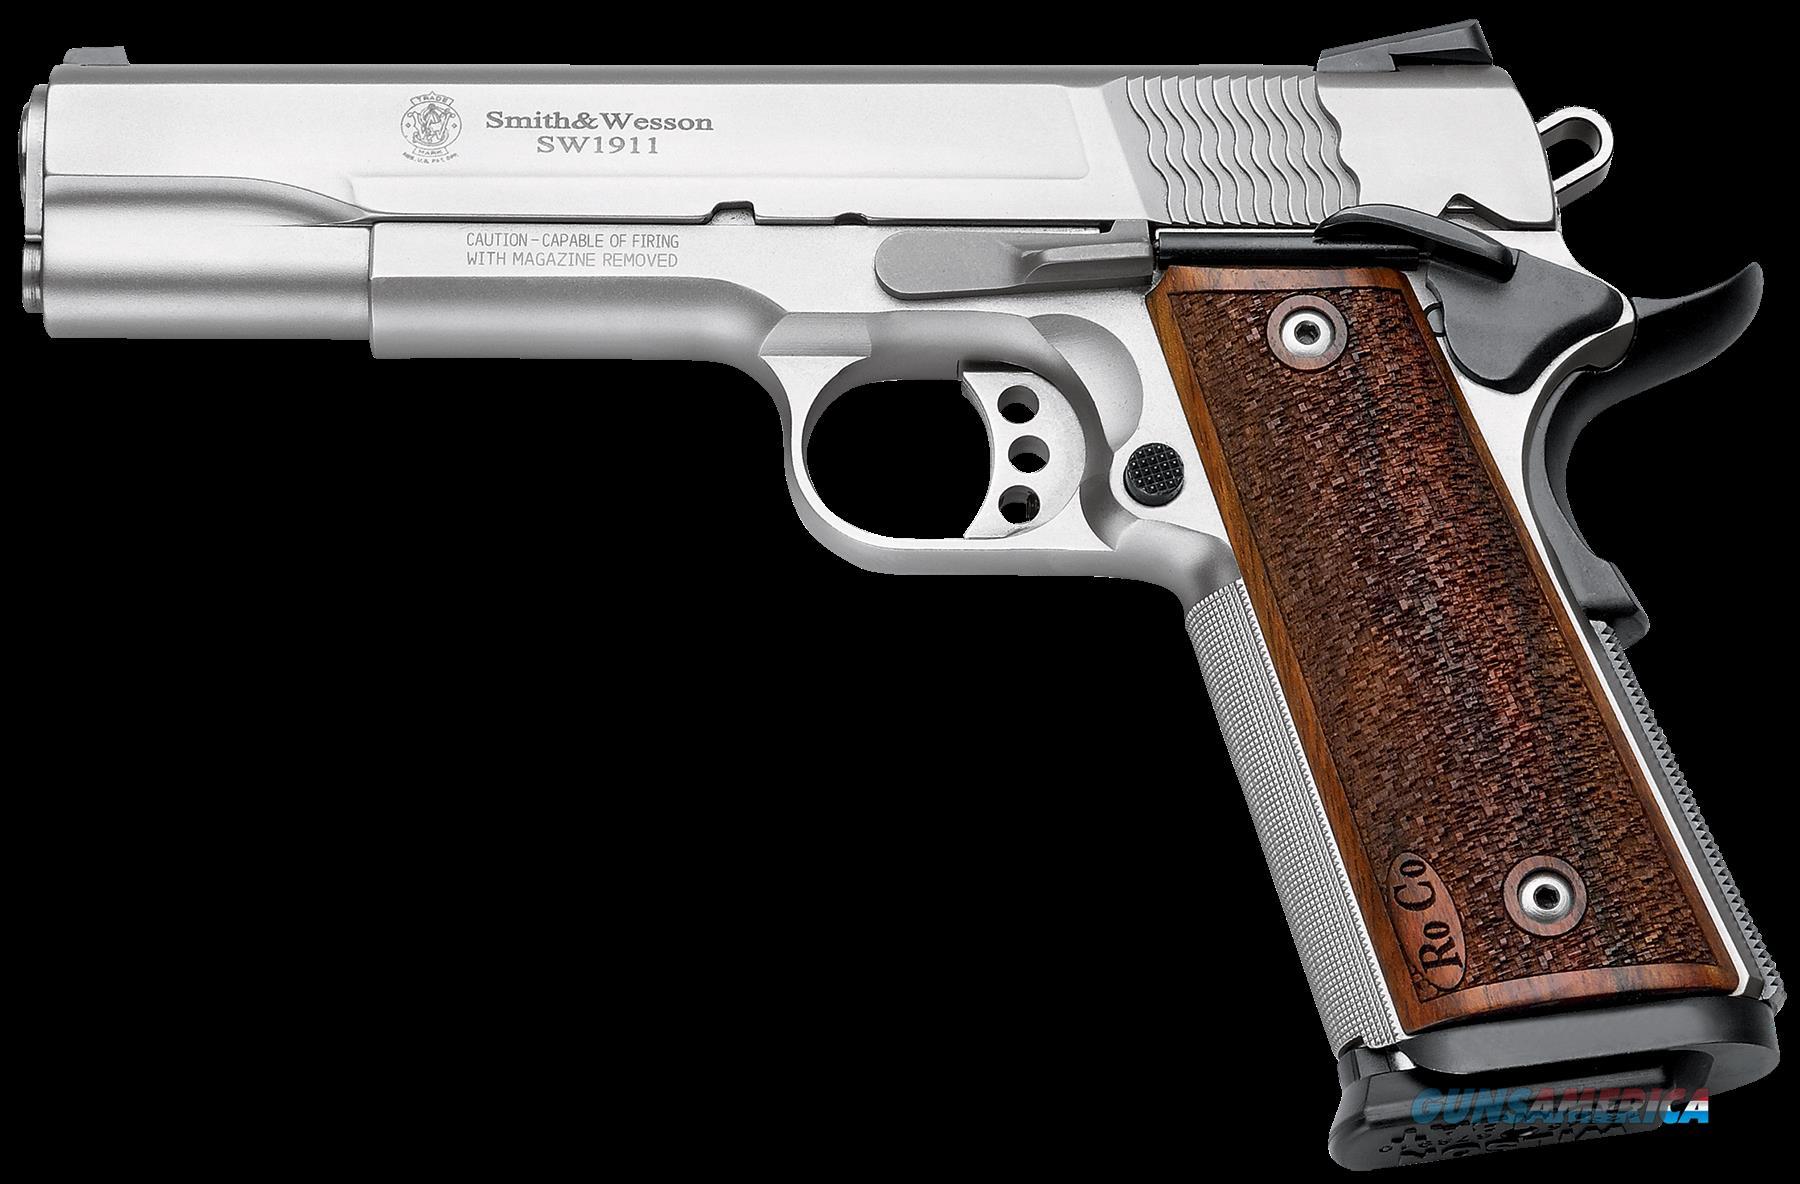 Smith & Wesson 1911, S&w M1911     178017 Pro 9m  5 As Dot Ss  Guns > Pistols > 1911 Pistol Copies (non-Colt)